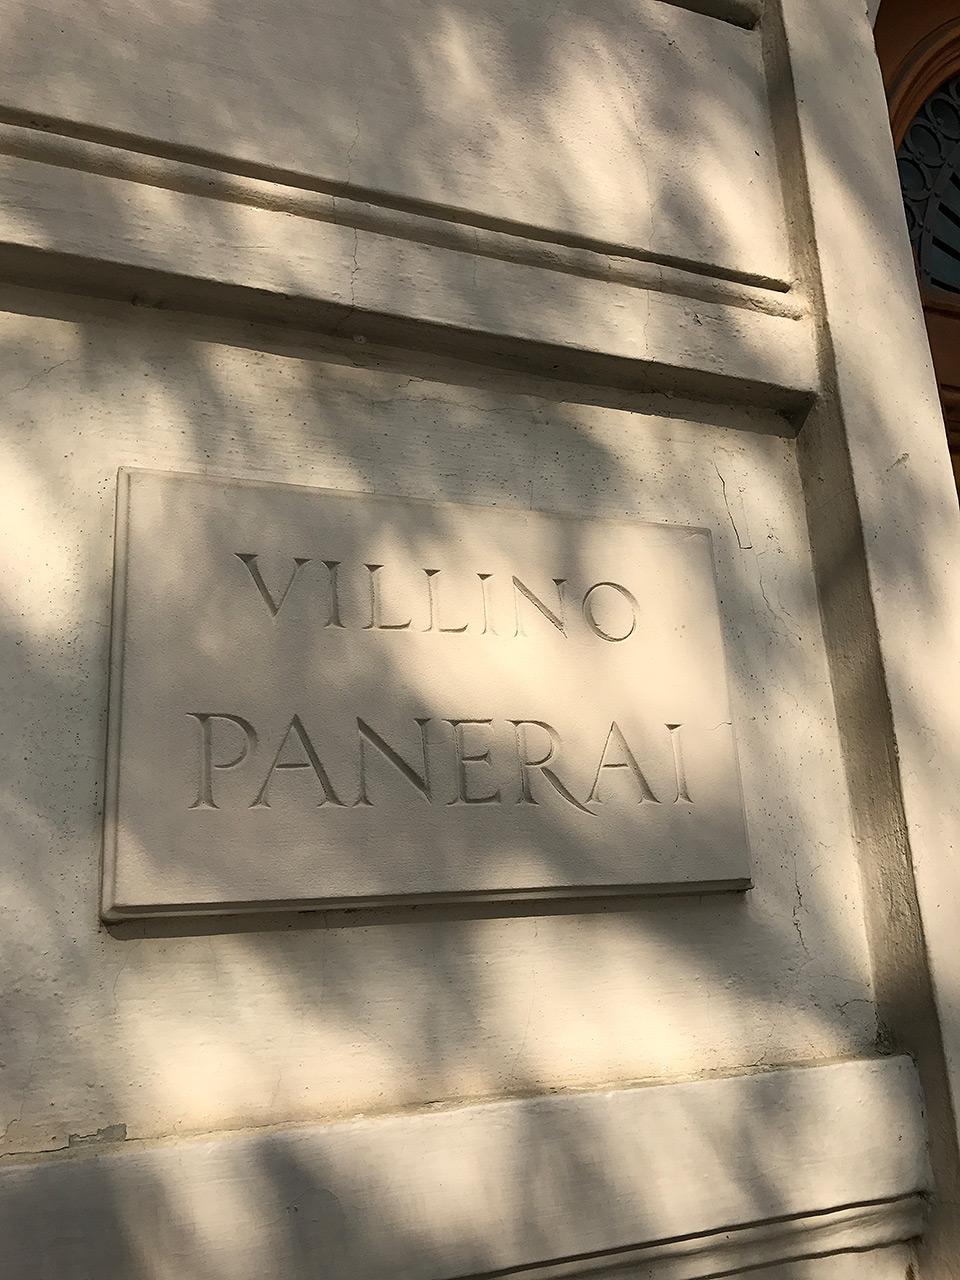 170521-villino-panerai